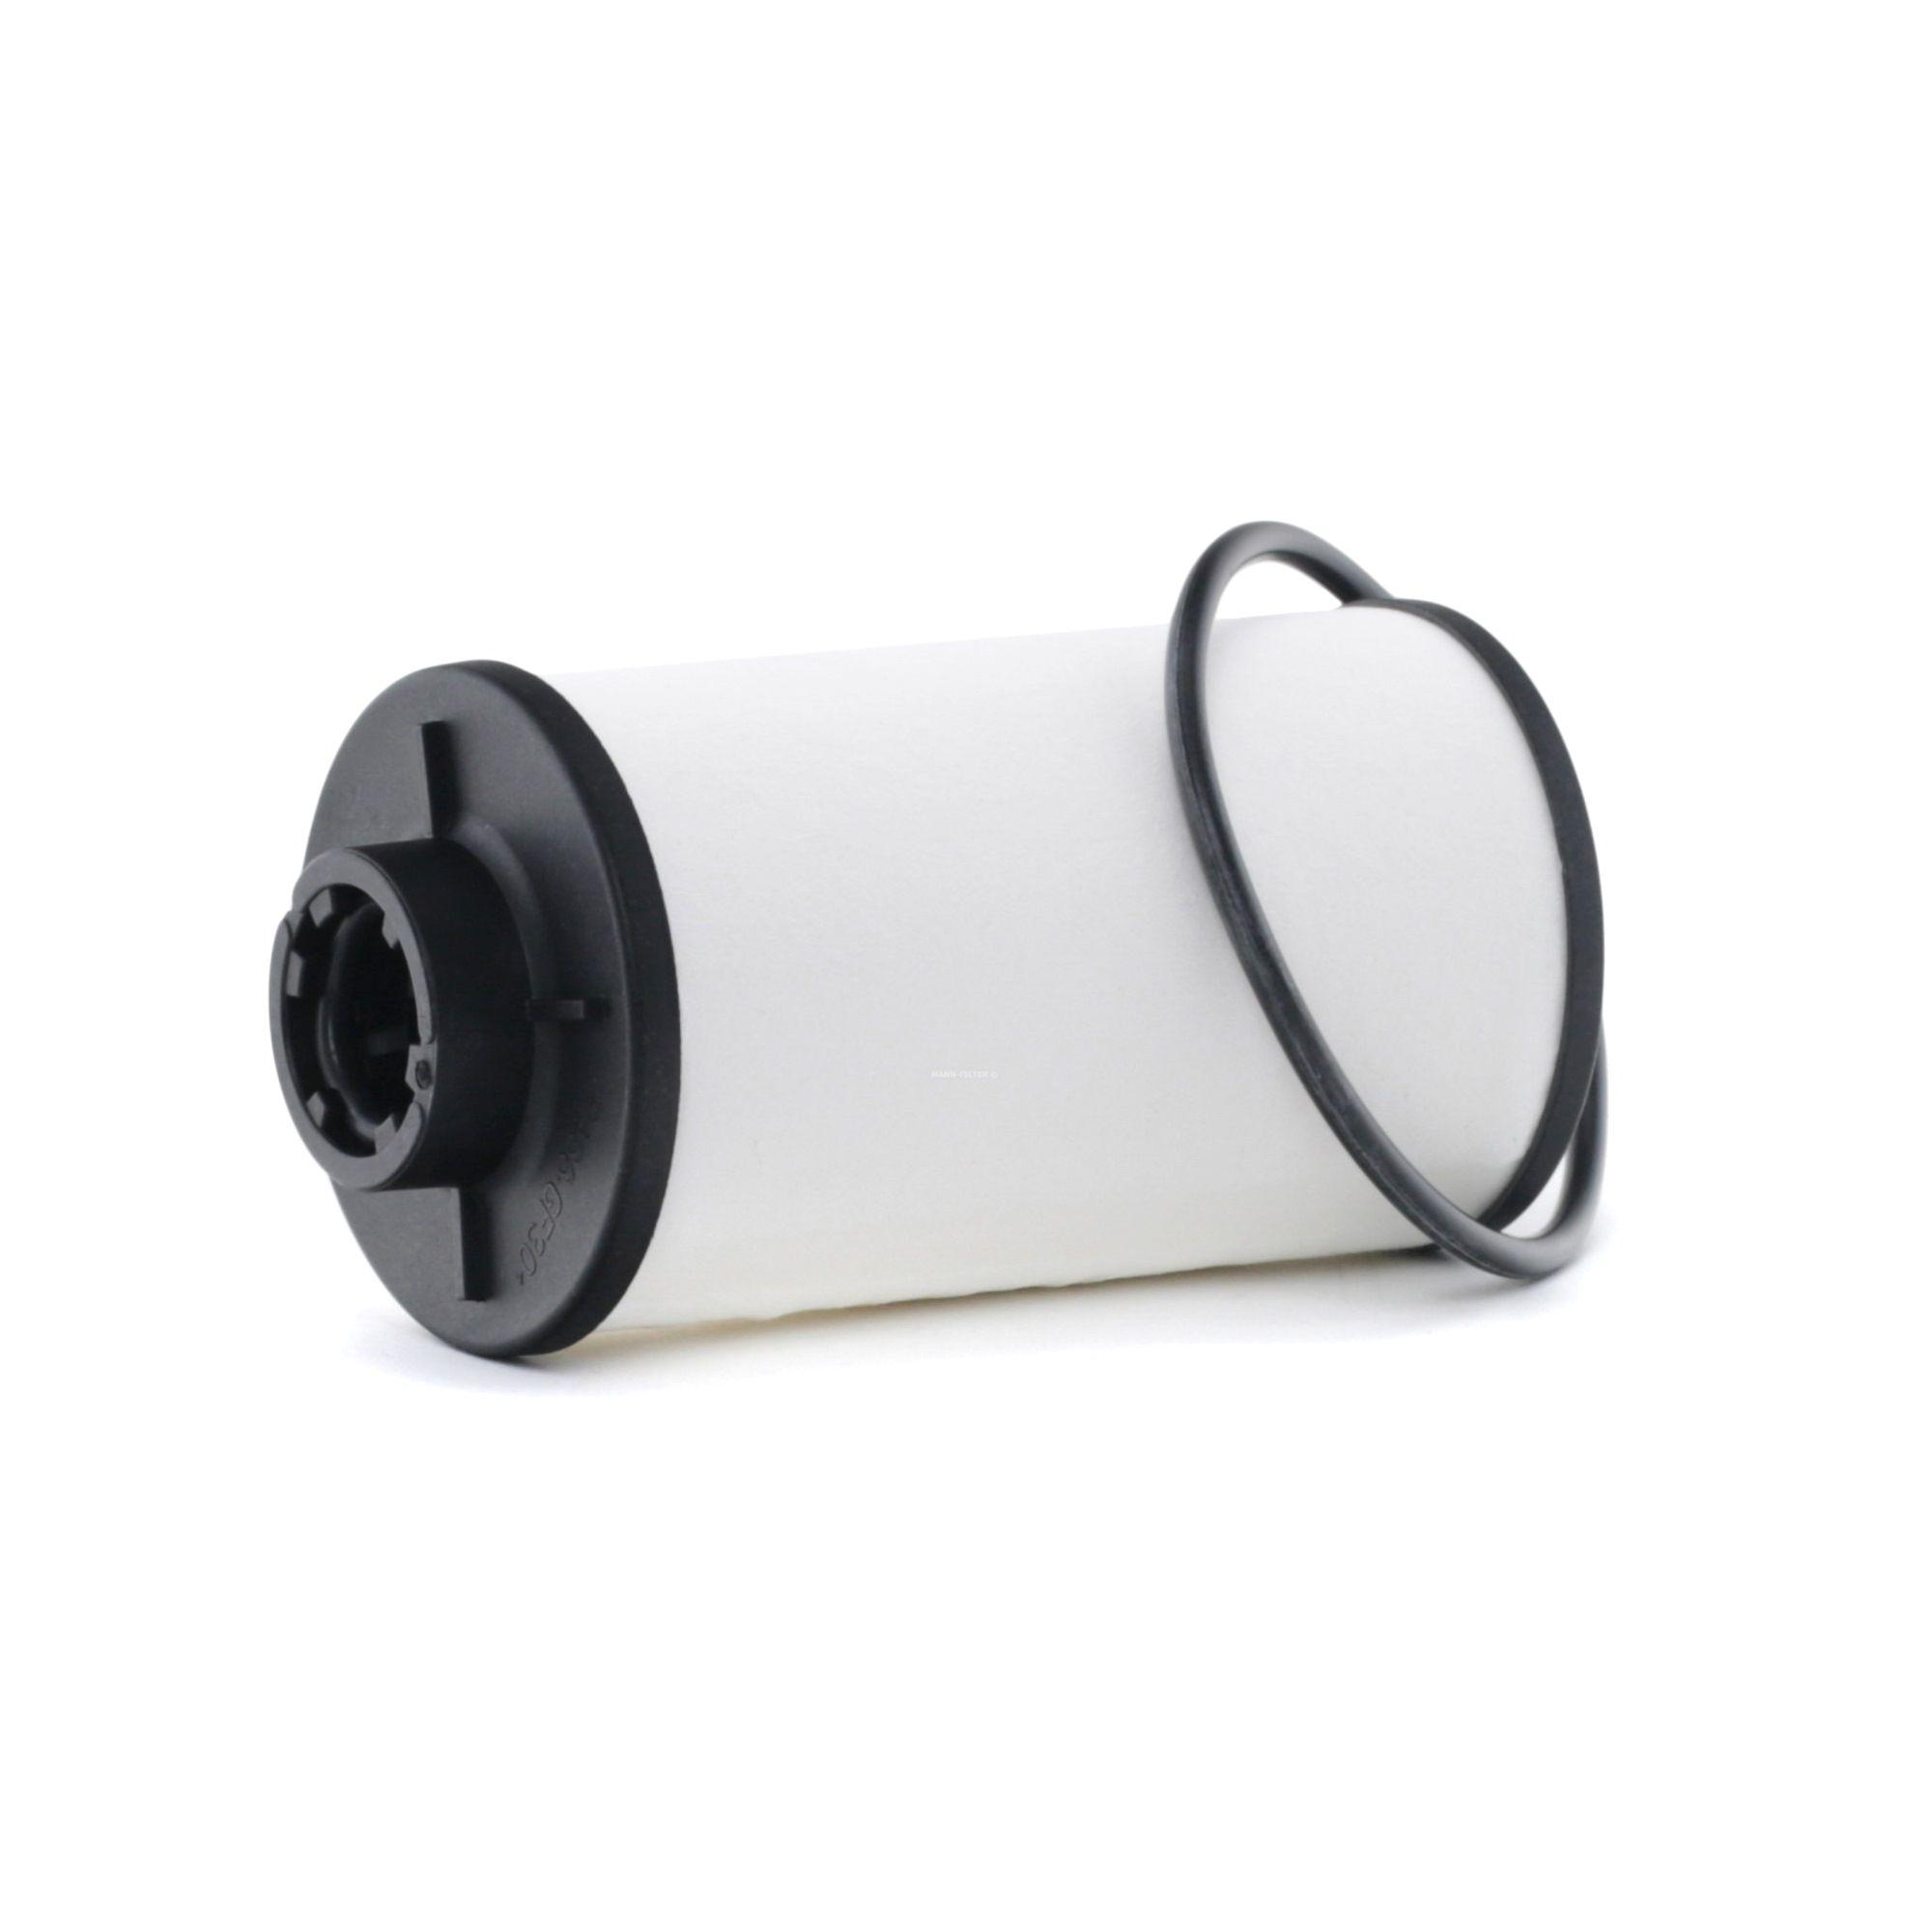 kupite Komplet filtra hidravlike, avtom. menjalnik H 6003 z kadarkoli